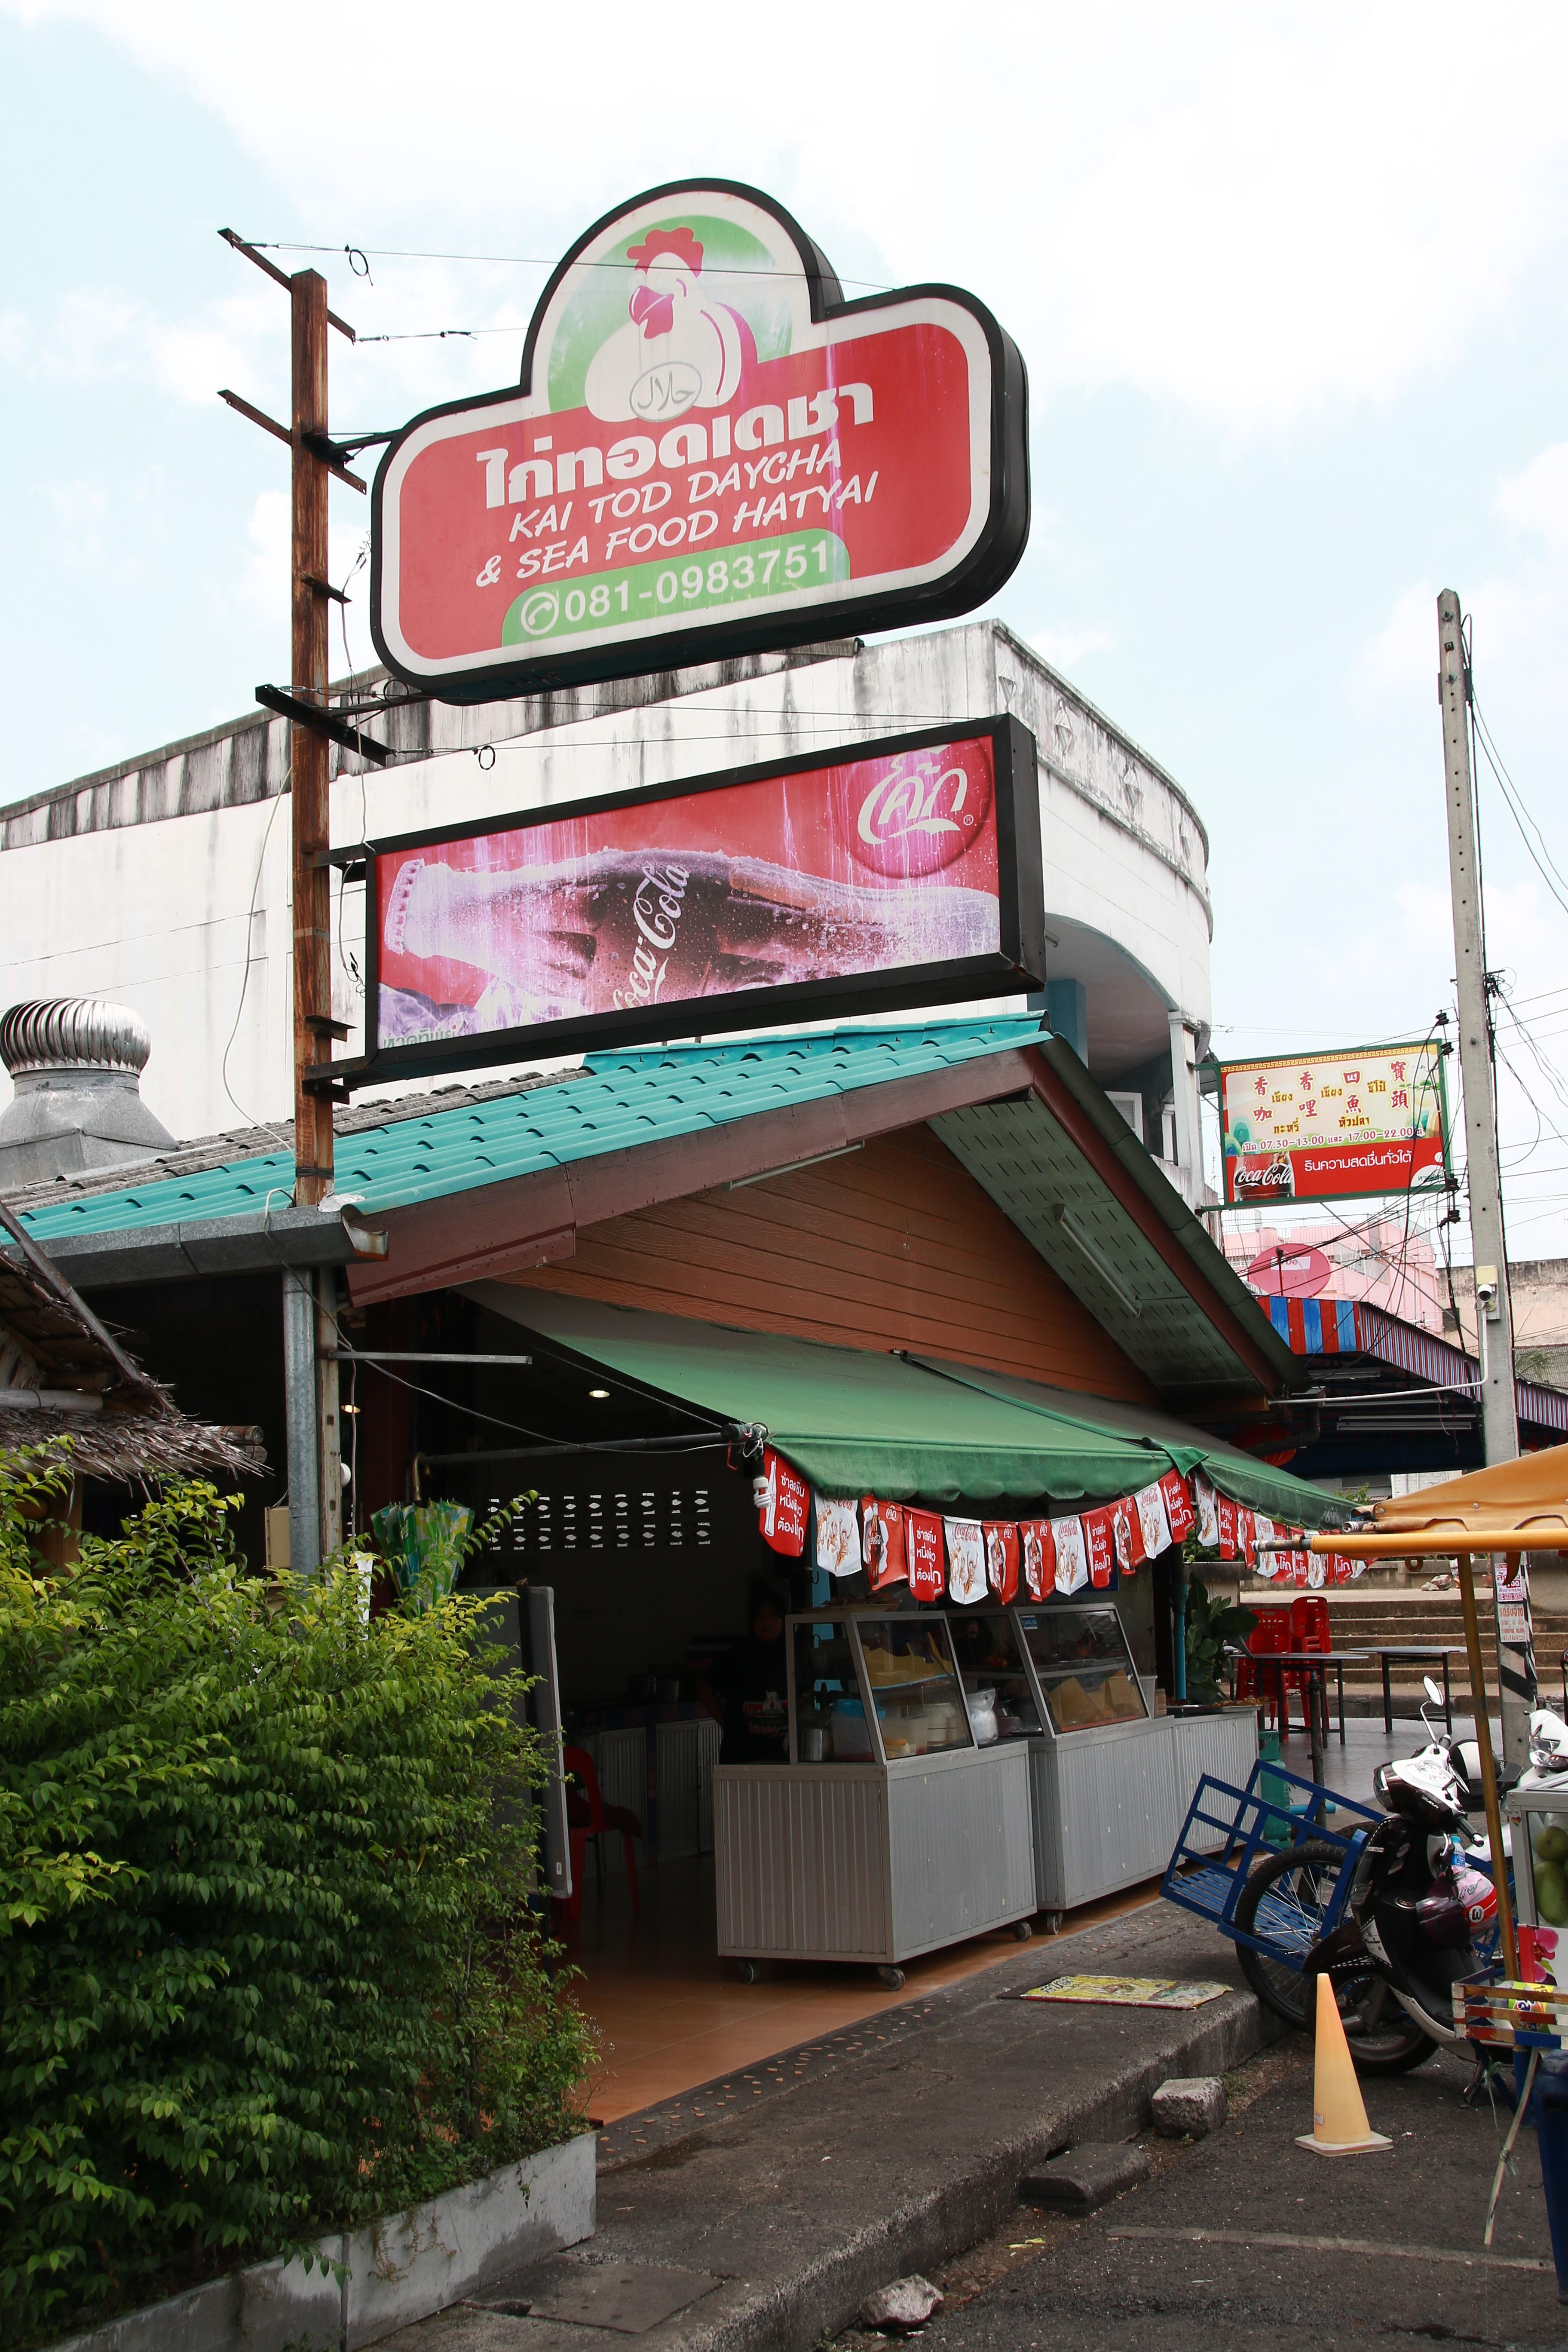 行列ができるハジャイのガイトート店「KAI TOD DAYCHA」